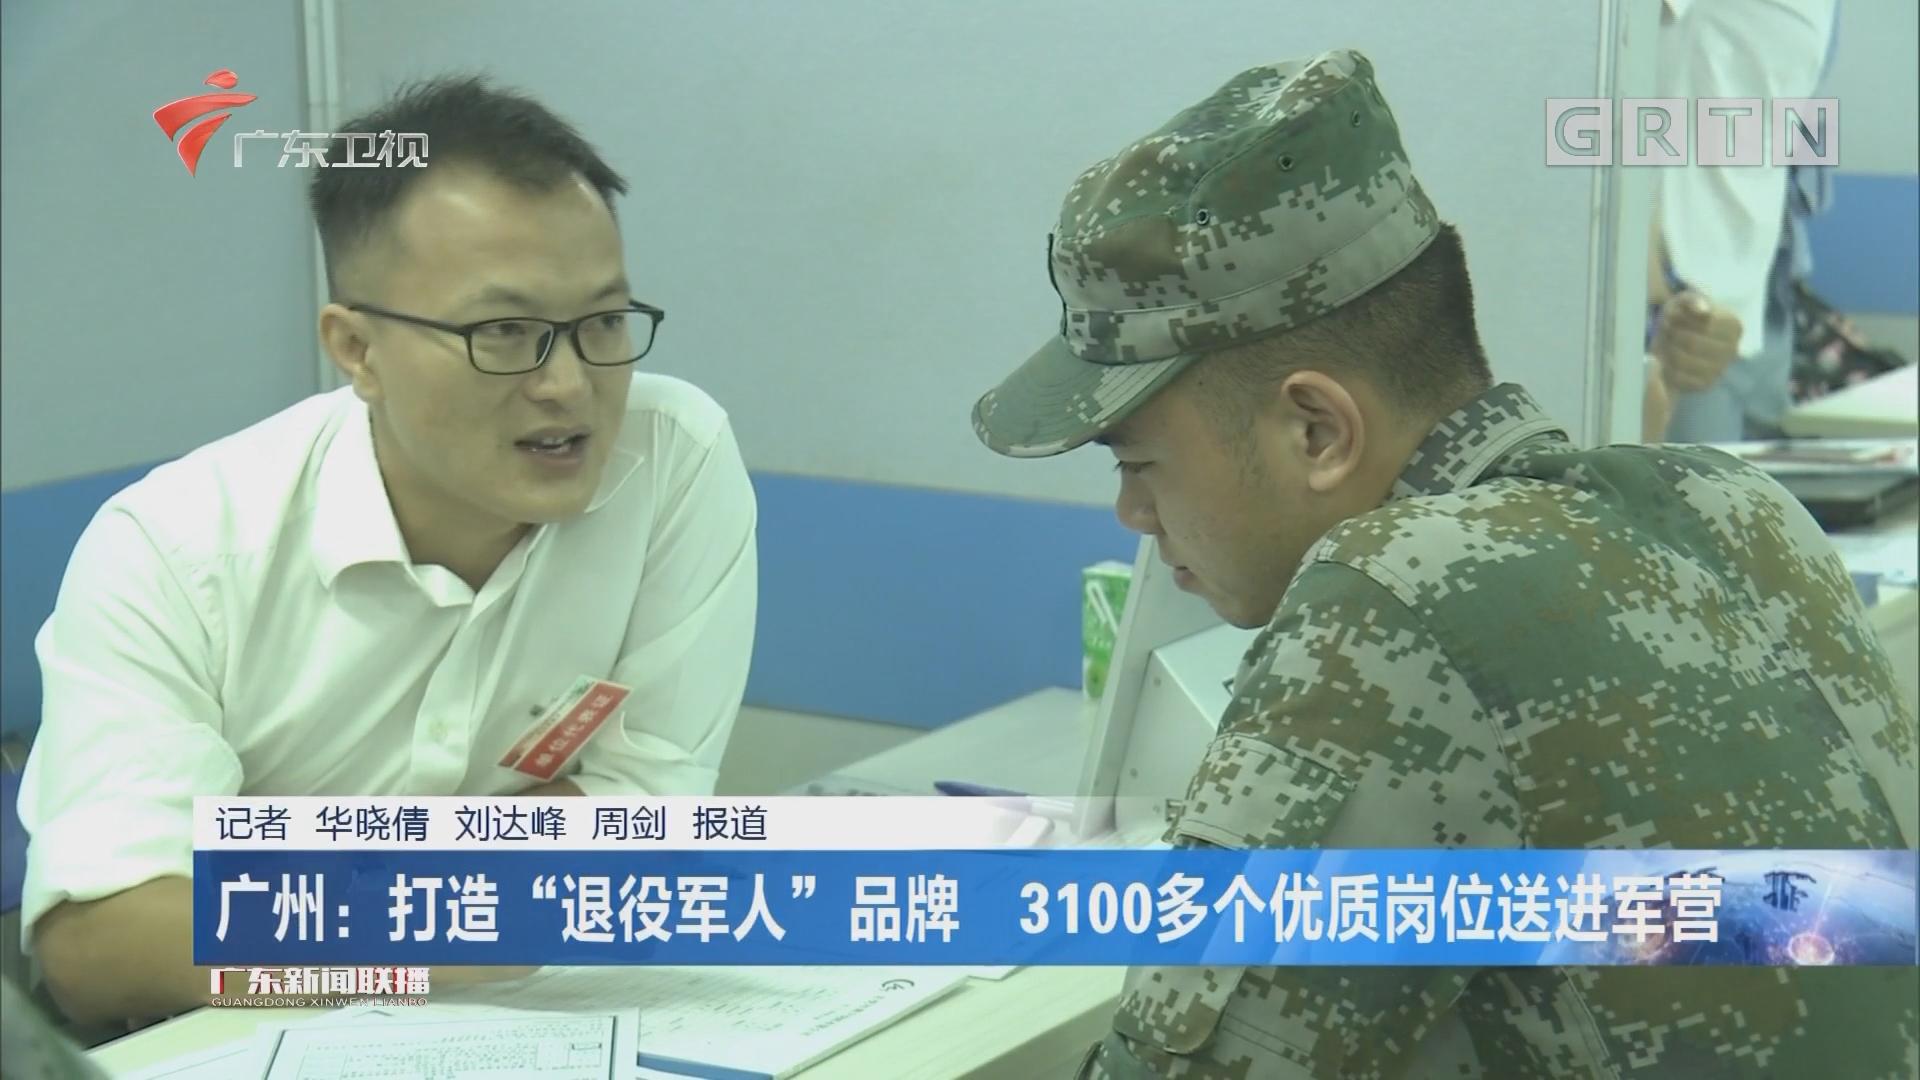 """广州:打造""""退役军人""""品牌 3100多个优质岗位送进军营"""